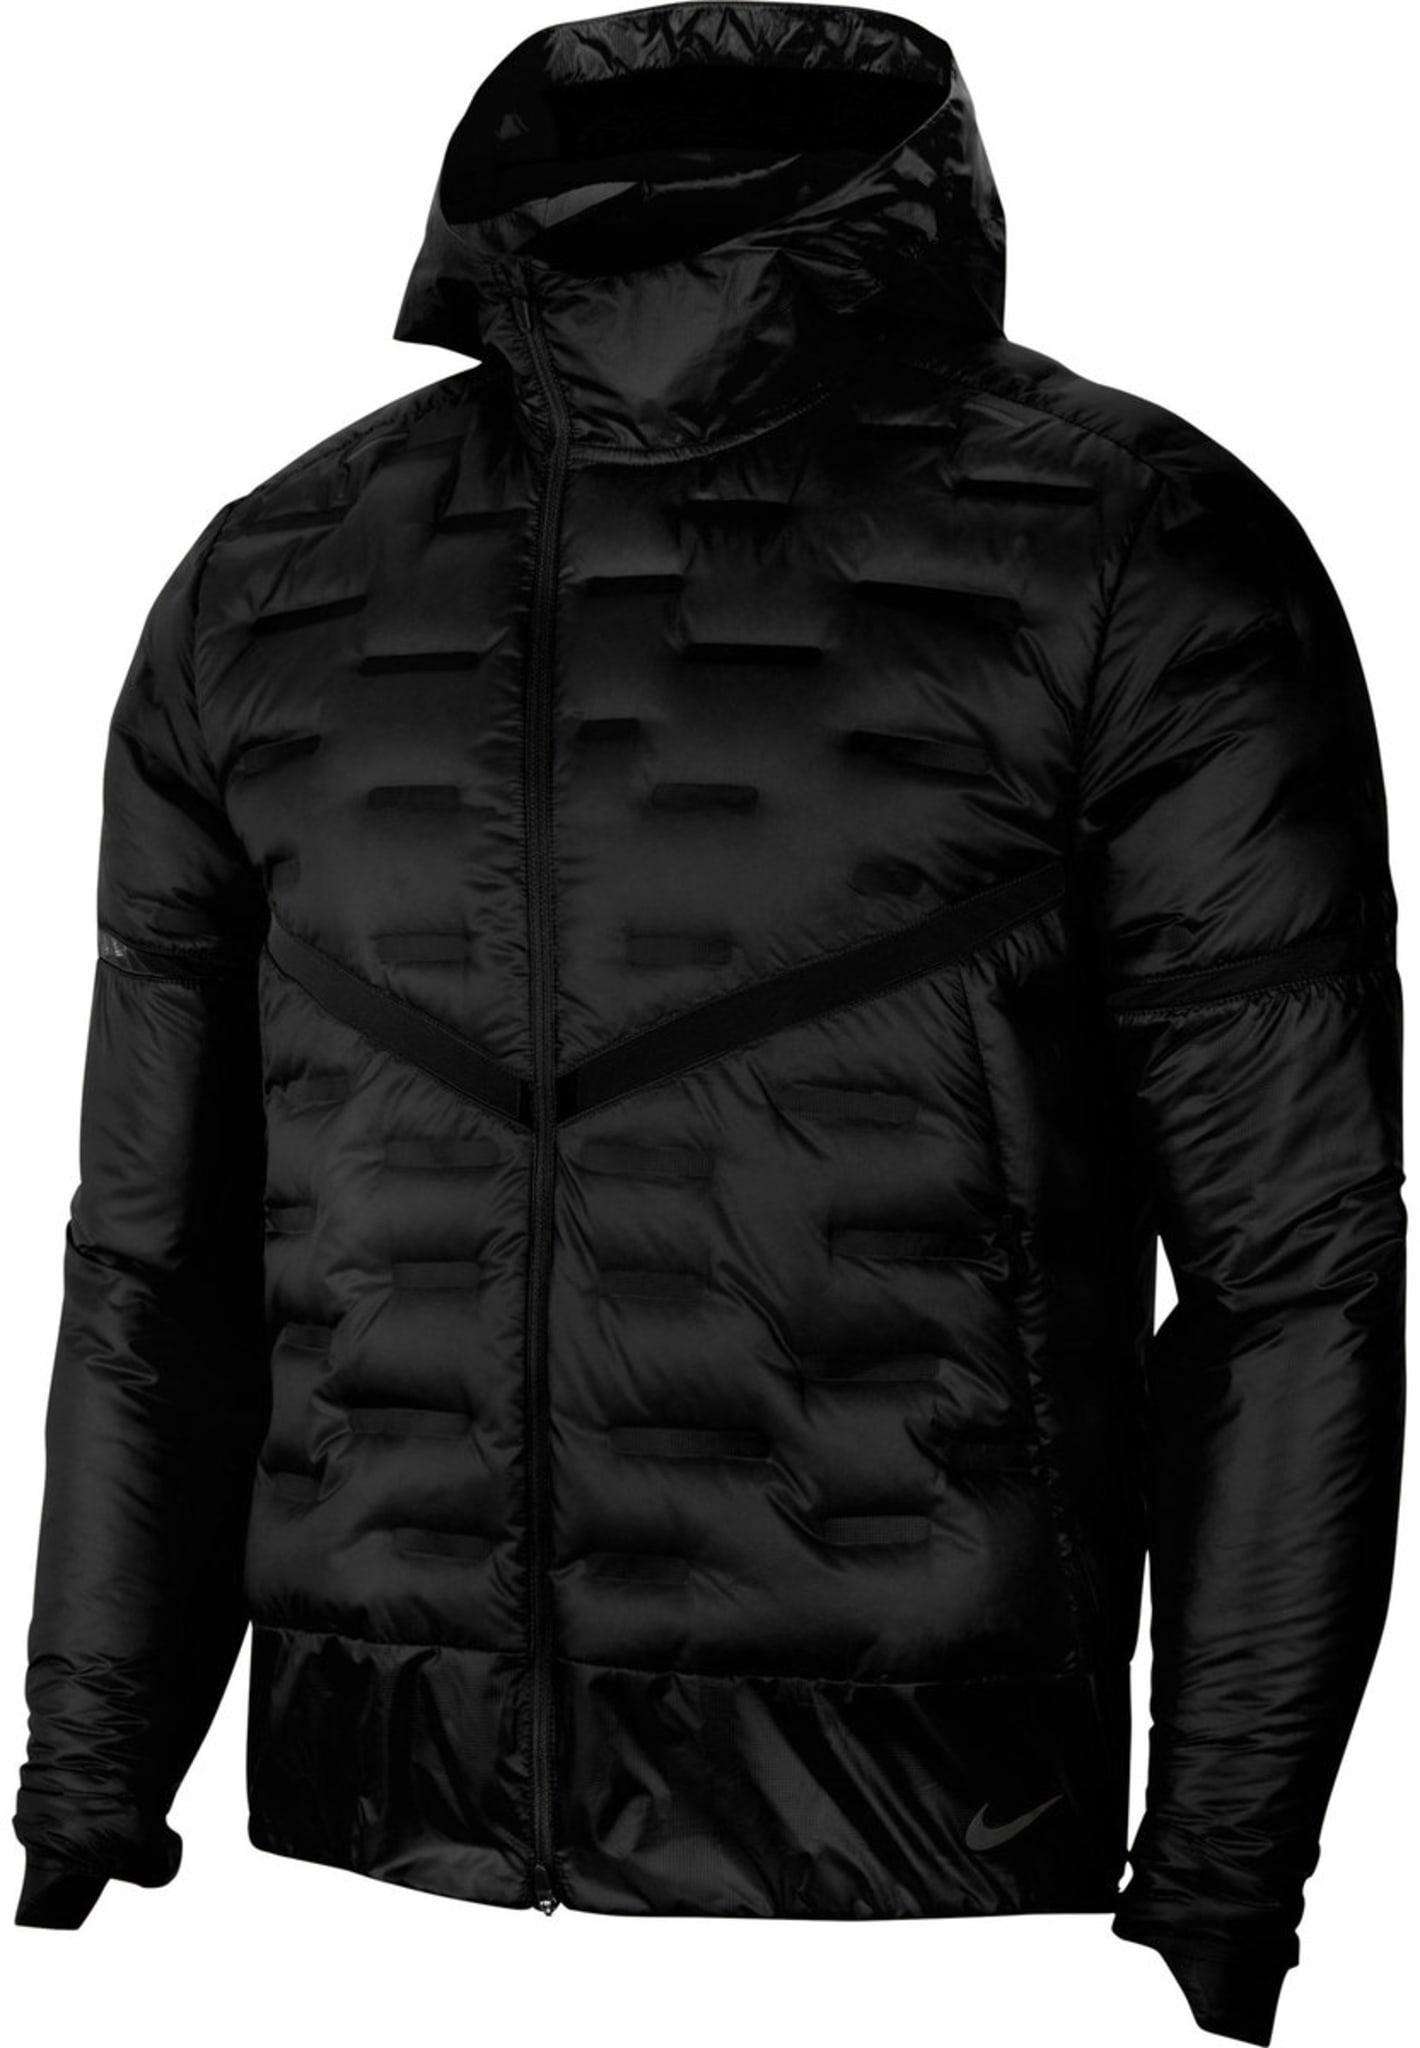 Aeroloft Men's Running Jacket